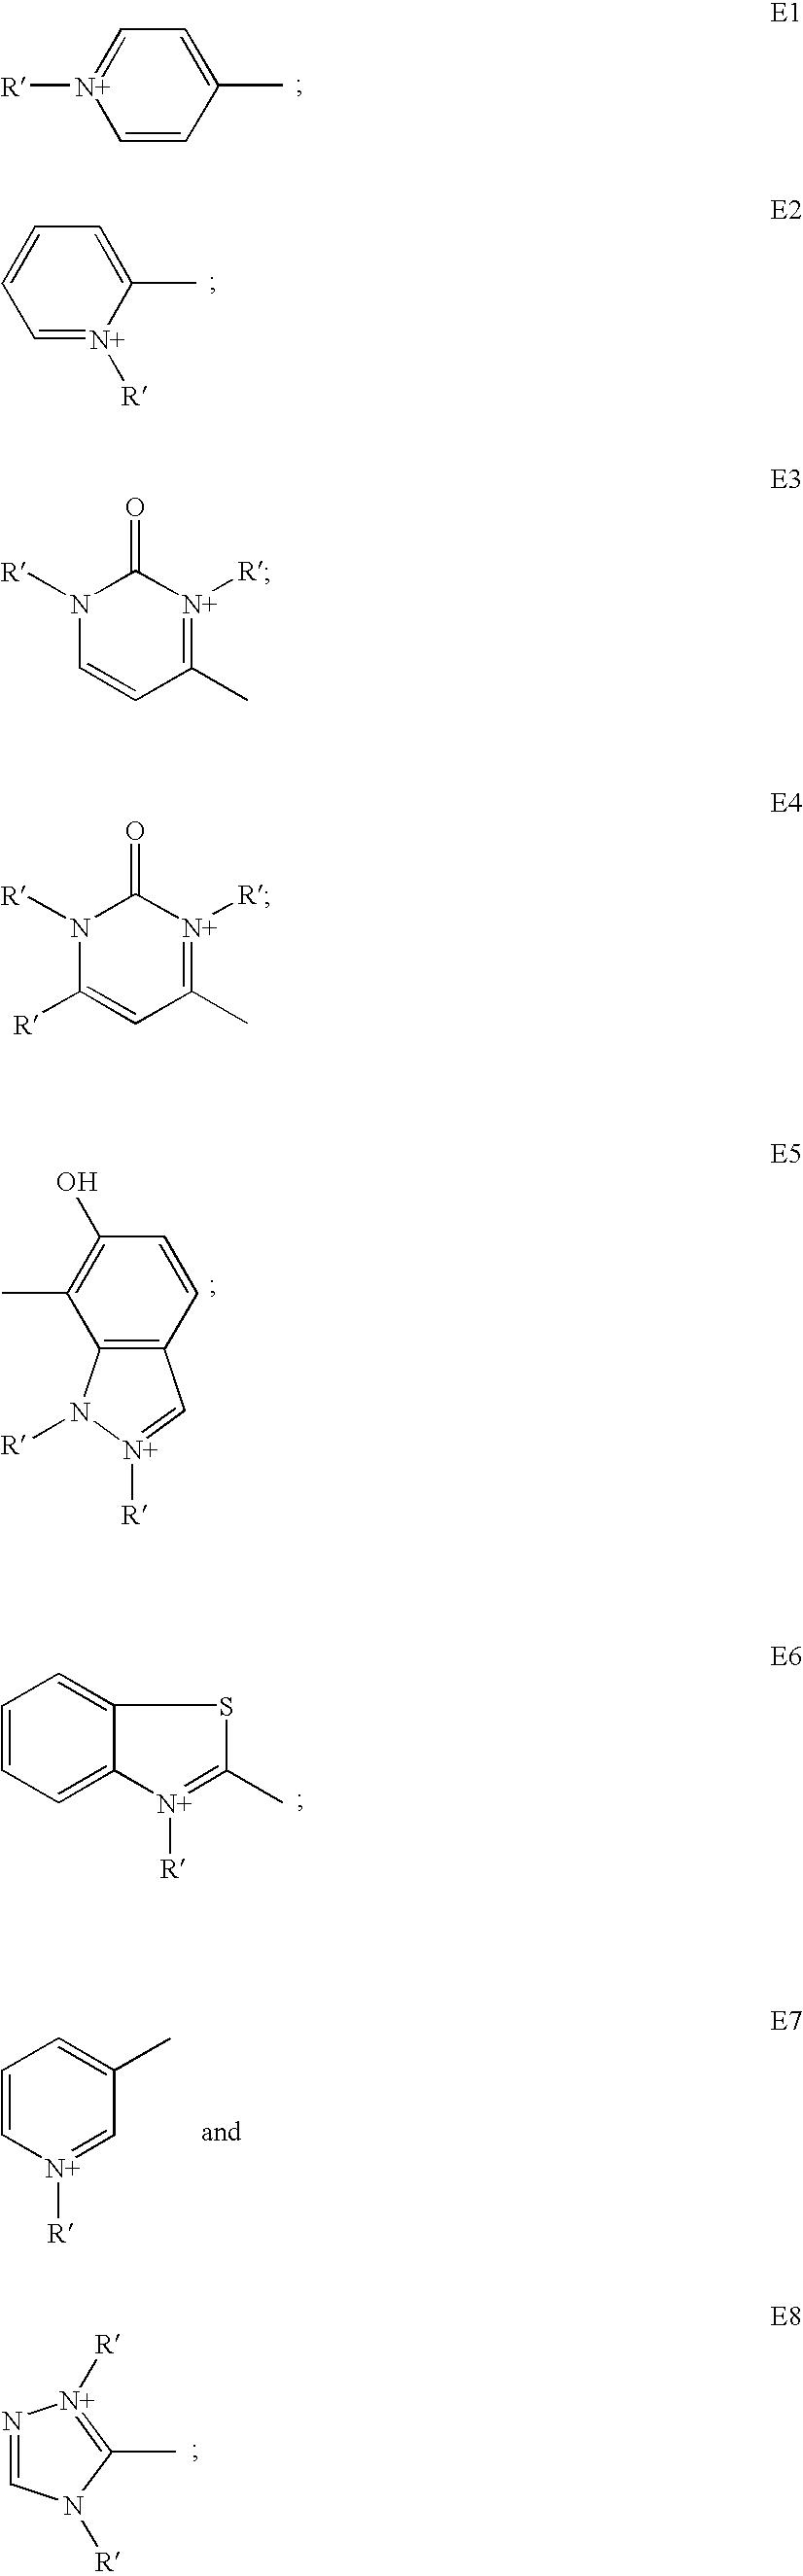 Figure US07927381-20110419-C00008